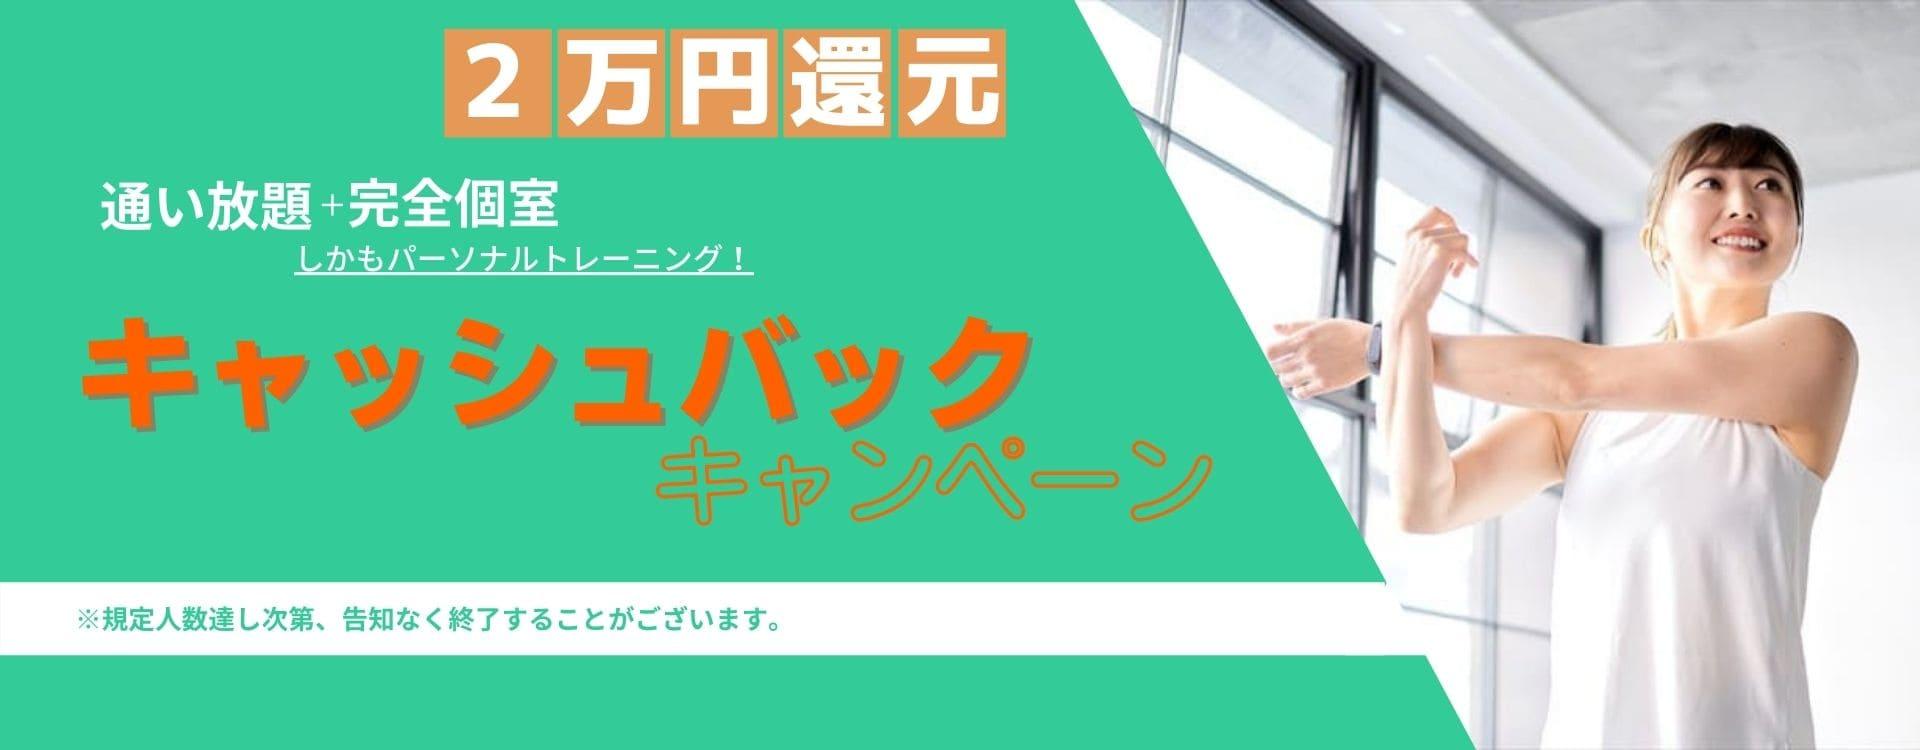 2万円CP(延長)